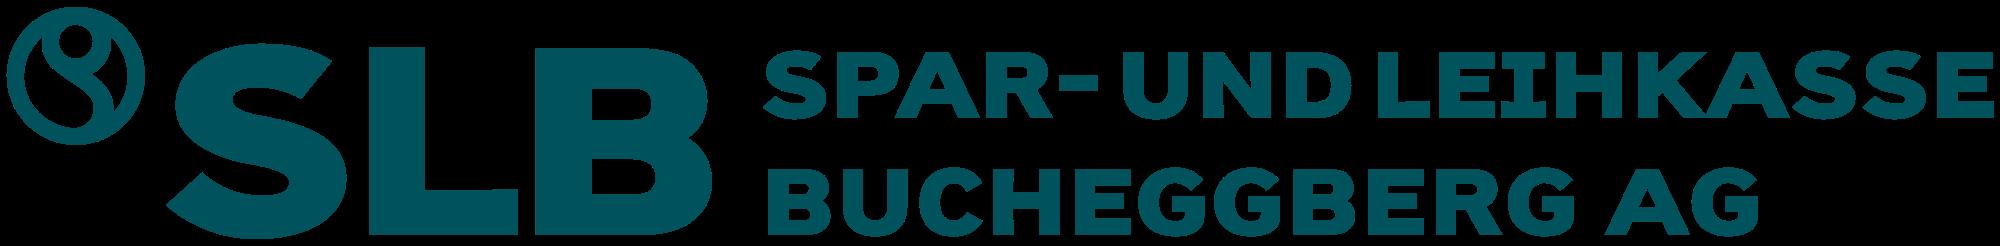 Spar- und Leihkasse Bucheggberg